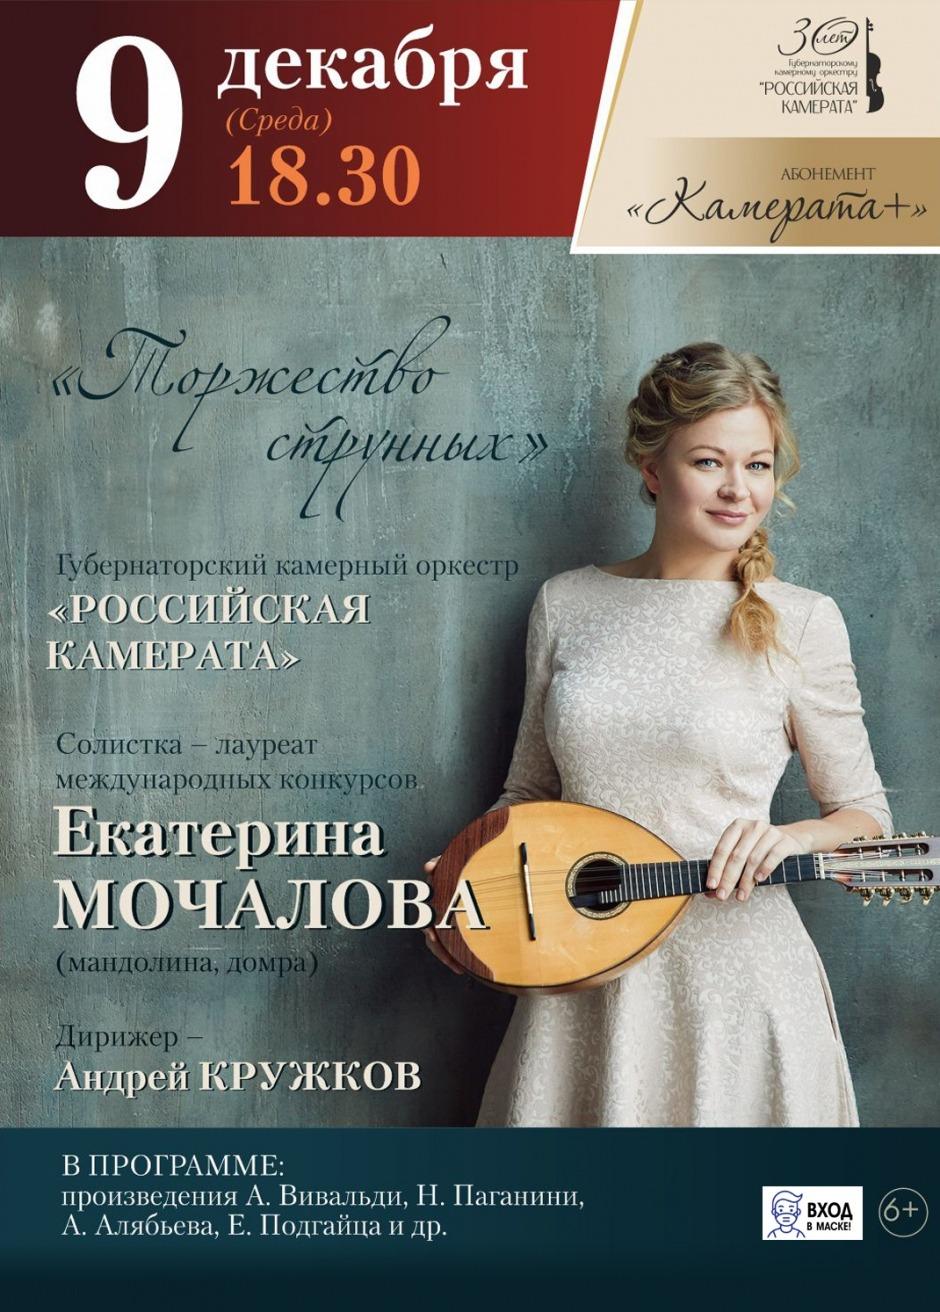 Мандолина и домра будут звучать на сцене Тверской филармонии